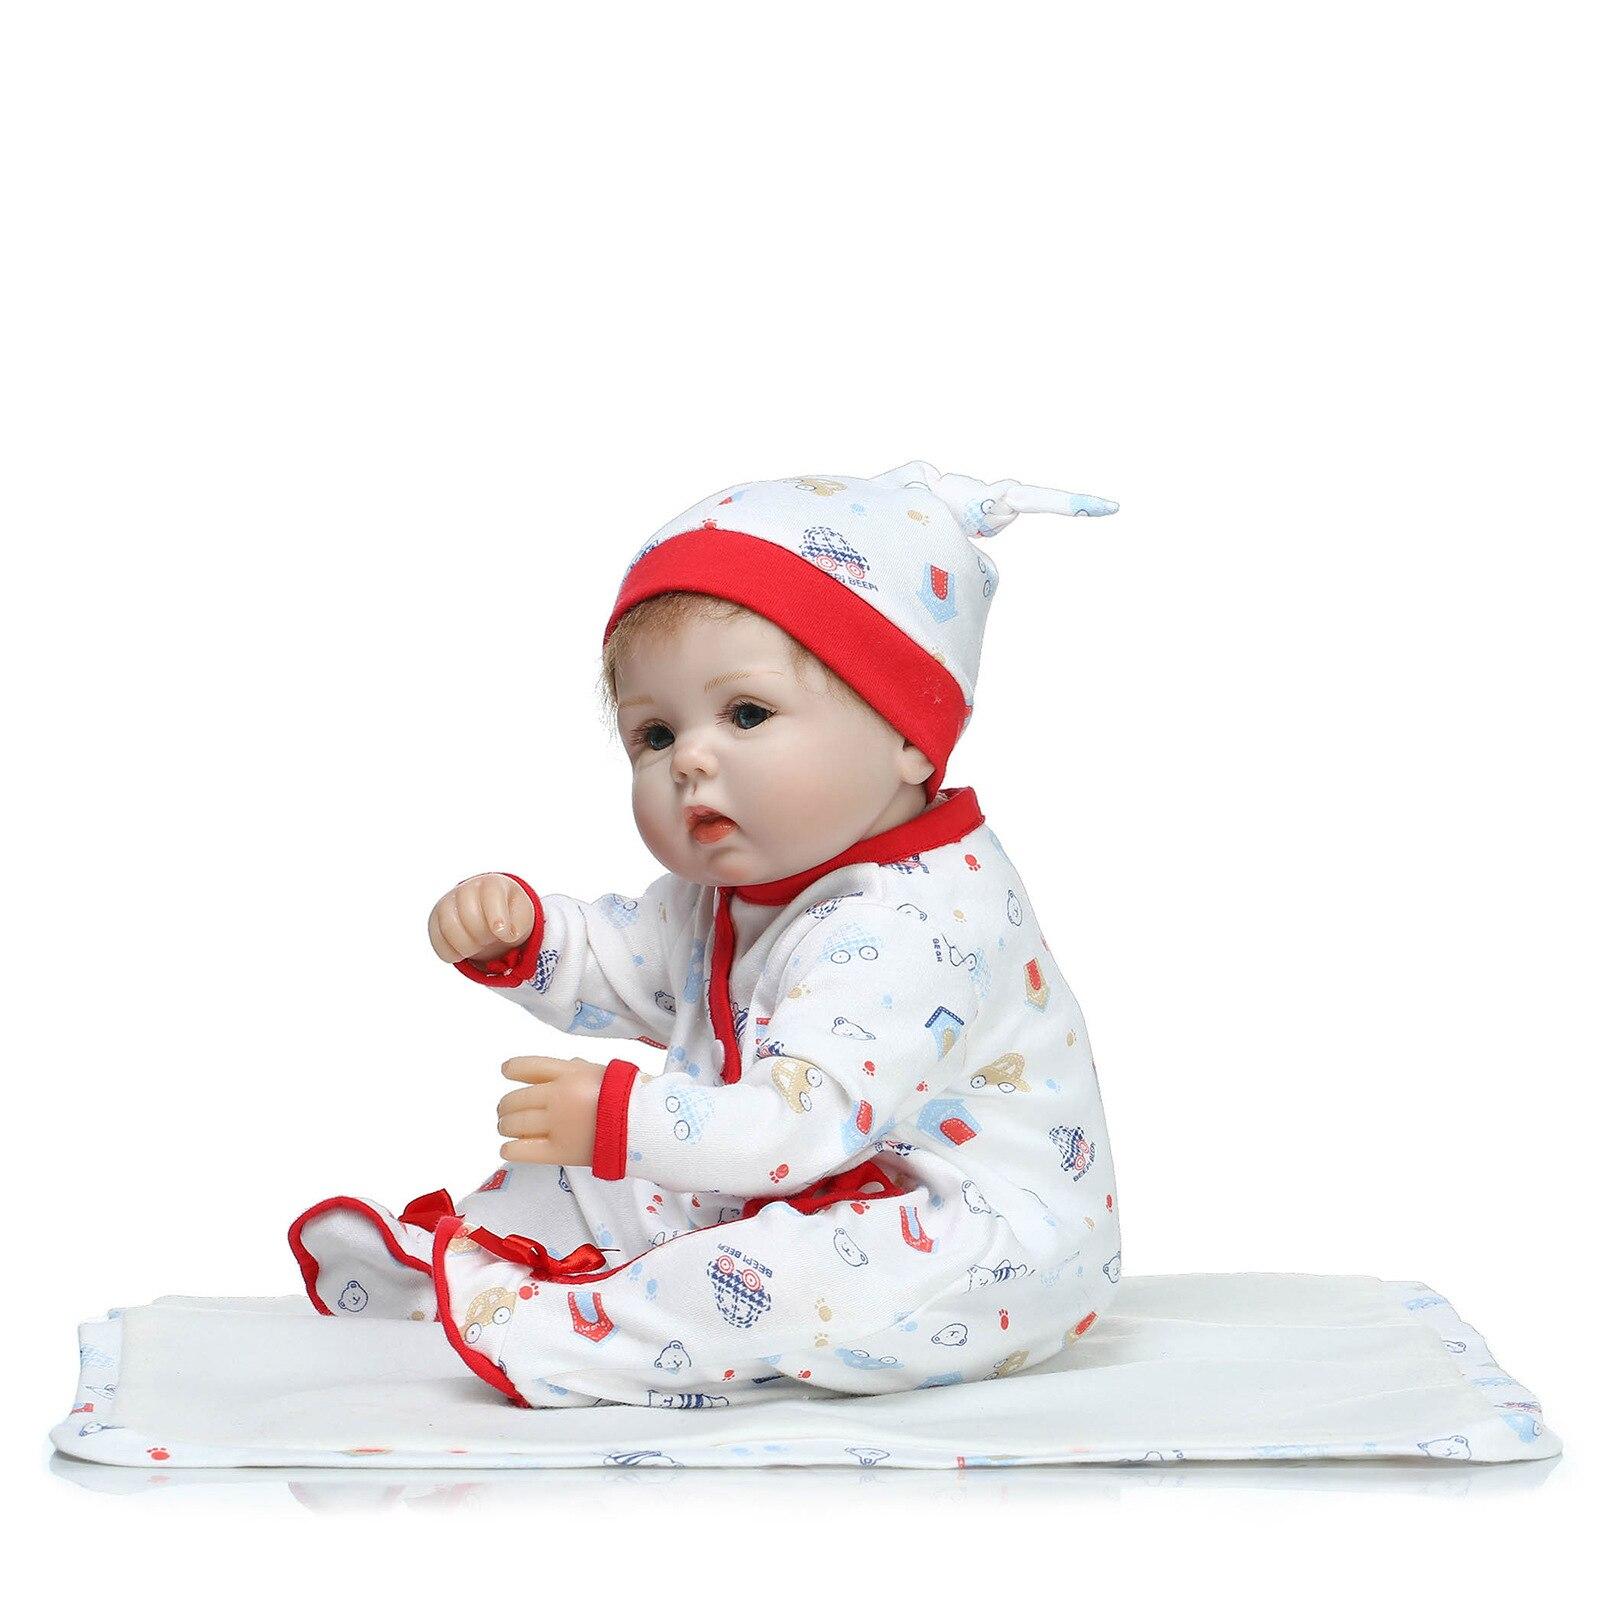 Muñecas de vinilo de silicona suave 40cm bebé renacido hecho a mano - Muñecas y accesorios - foto 3